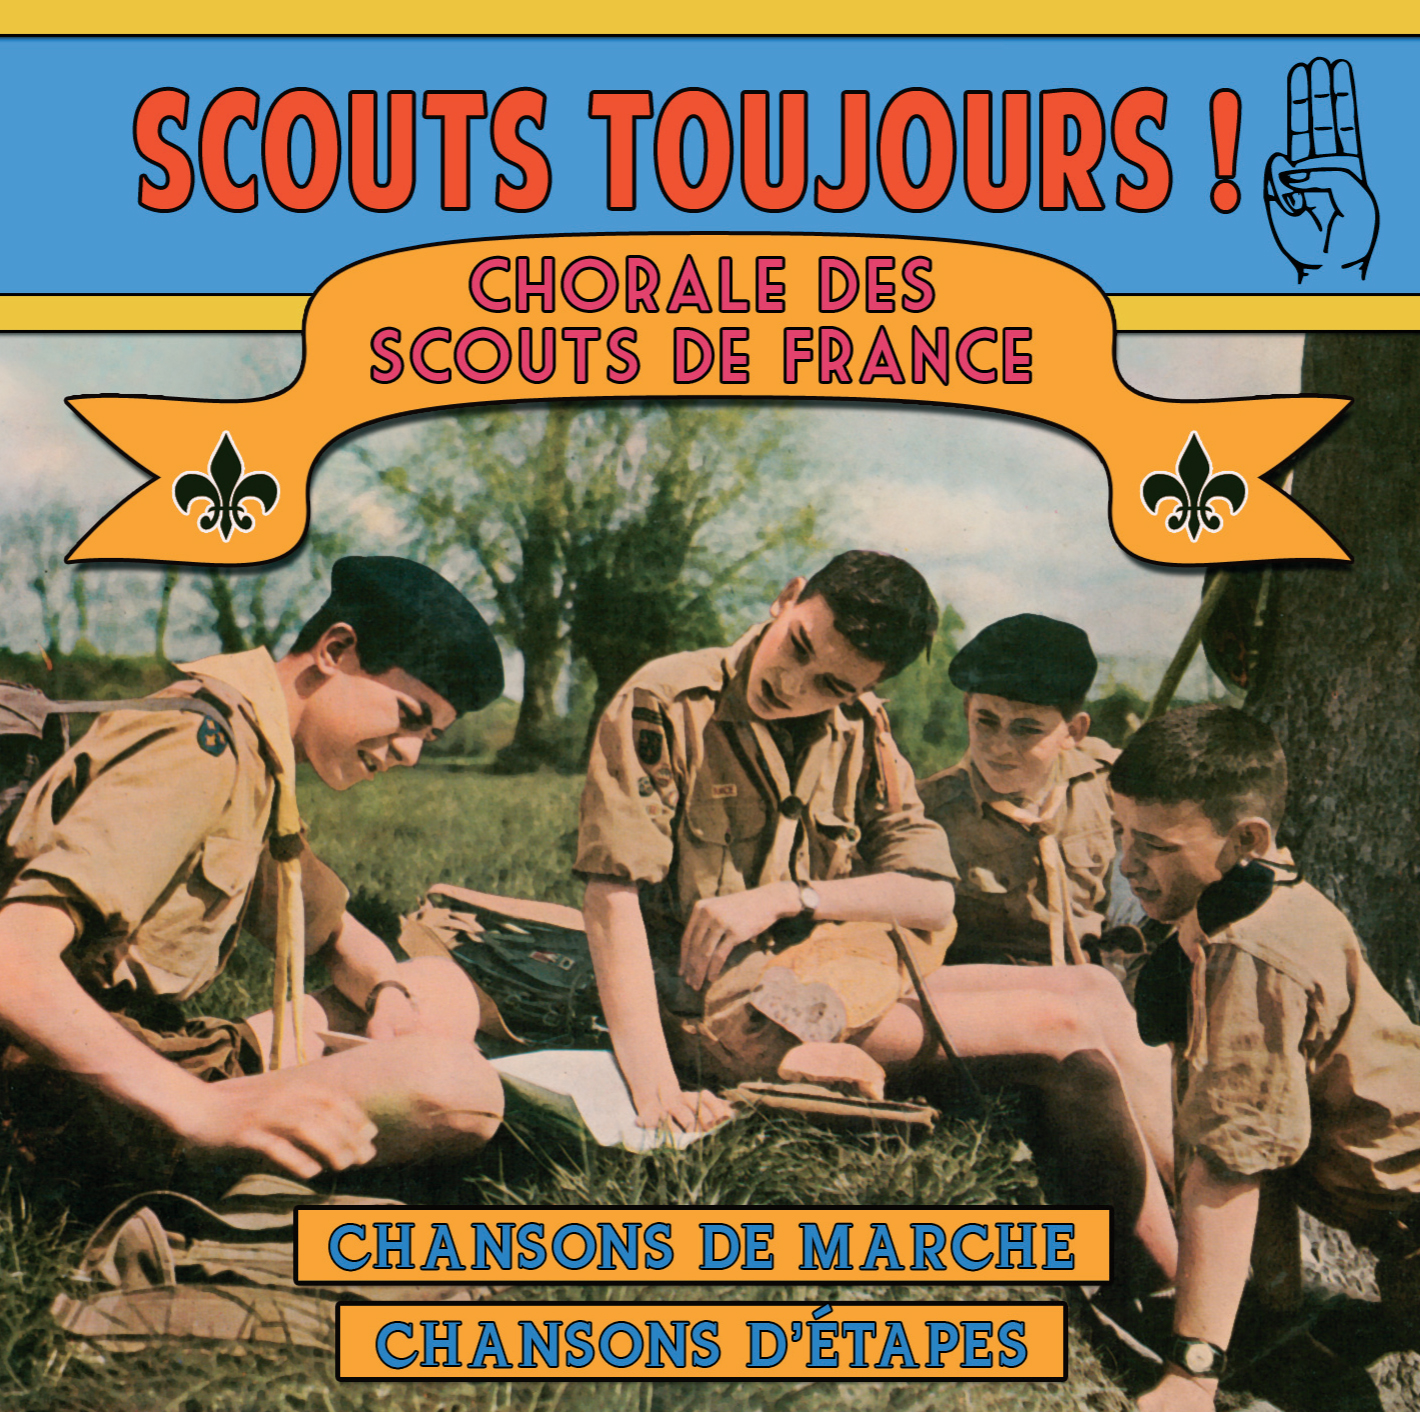 CD Scouts toujours !, de Chorale des scouts de France